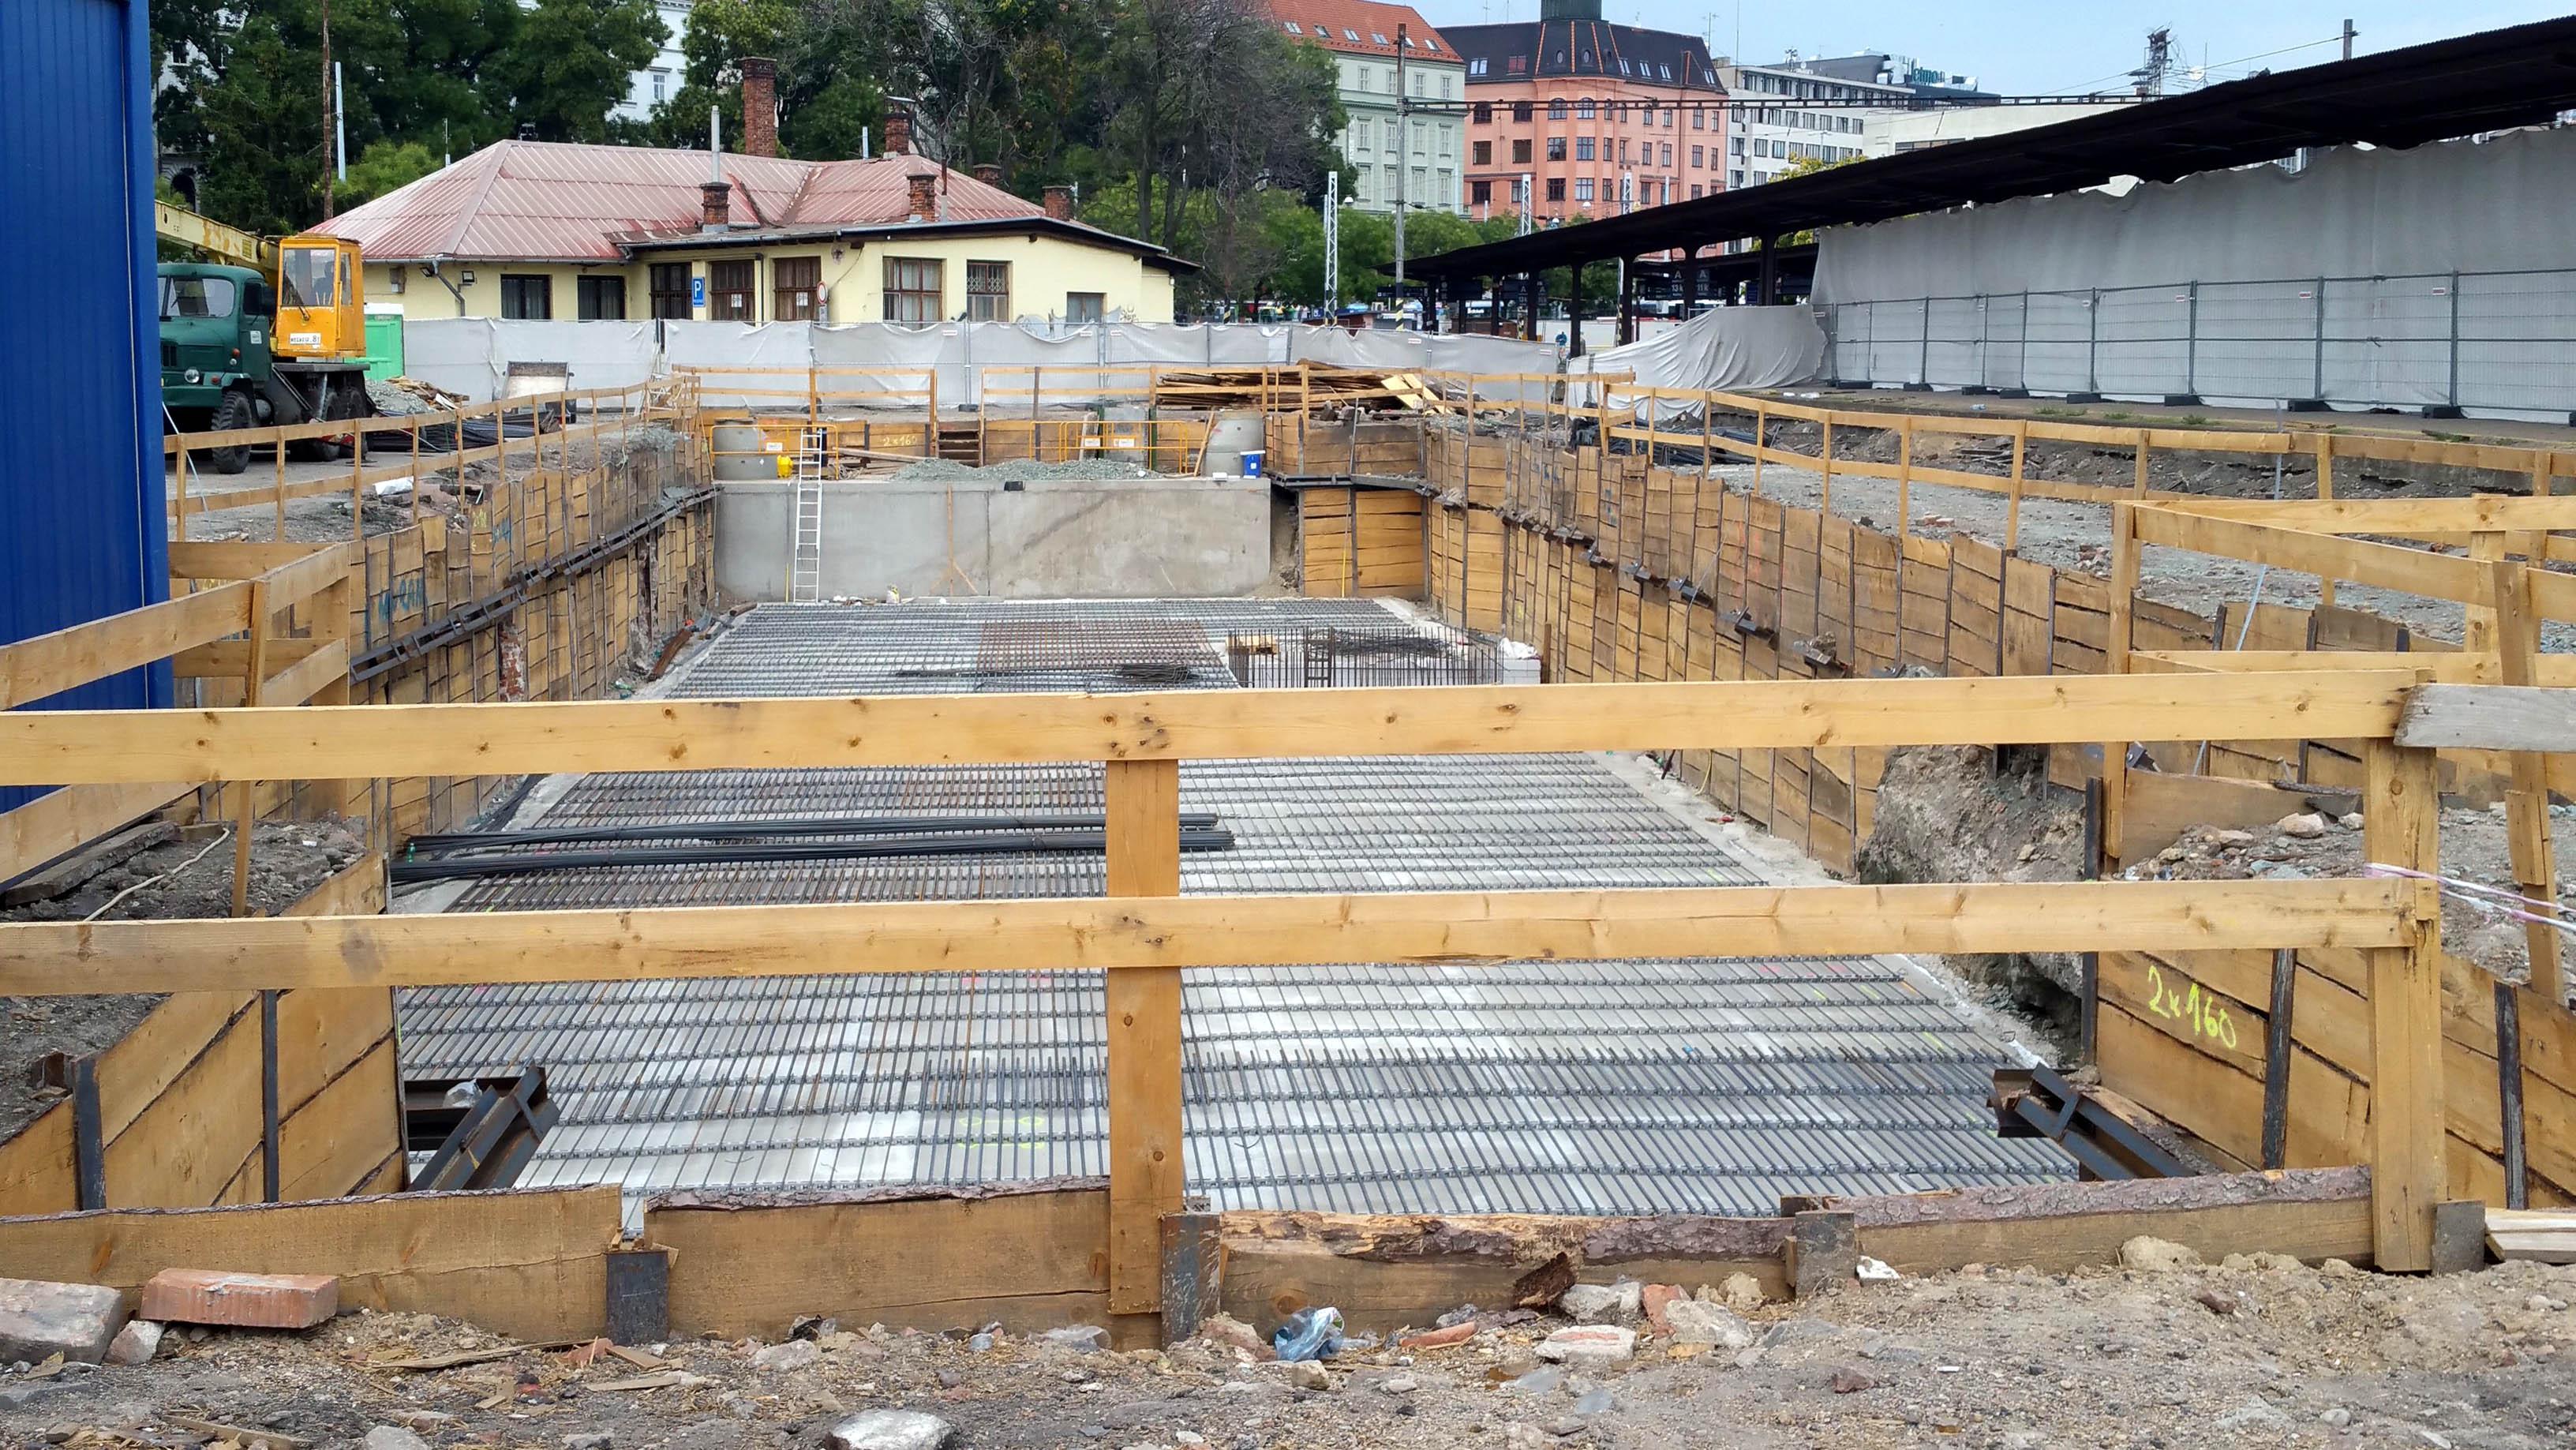 Betonový základ pro novou budovu SŽDC. Zde by měla být soustředěno železniční zabezpečovací zařízení brněnského nádraží. a jeho ovládání